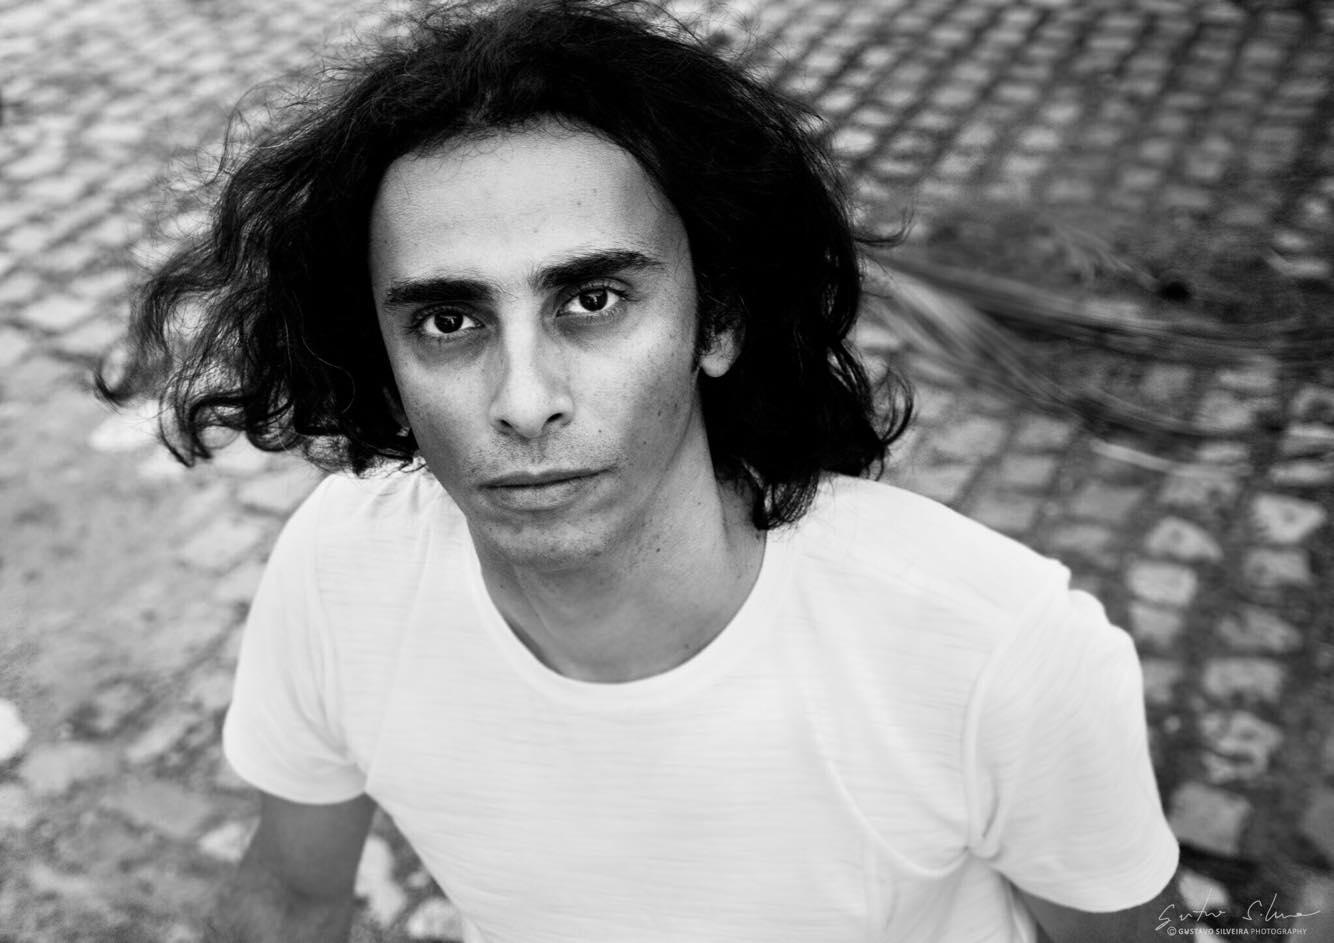 Artista potiguar aproveita semelhança e recria imagens icônicas de Sérgio Sampio